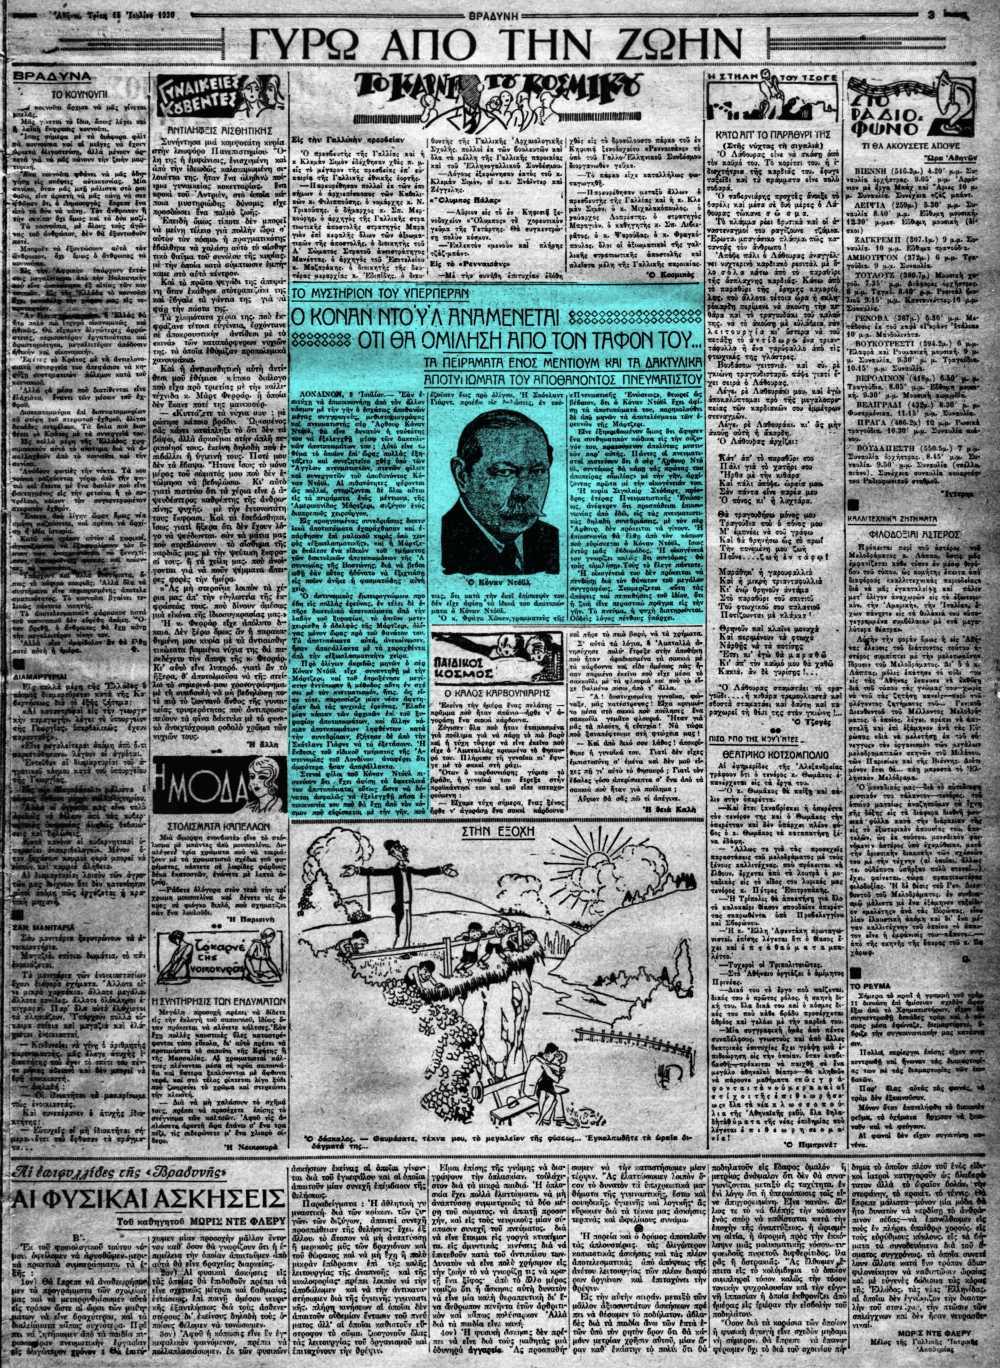 """Το άρθρο, όπως δημοσιεύθηκε στην εφημερίδα """"Η ΒΡΑΔΥΝΗ"""", στις 15/07/1930"""